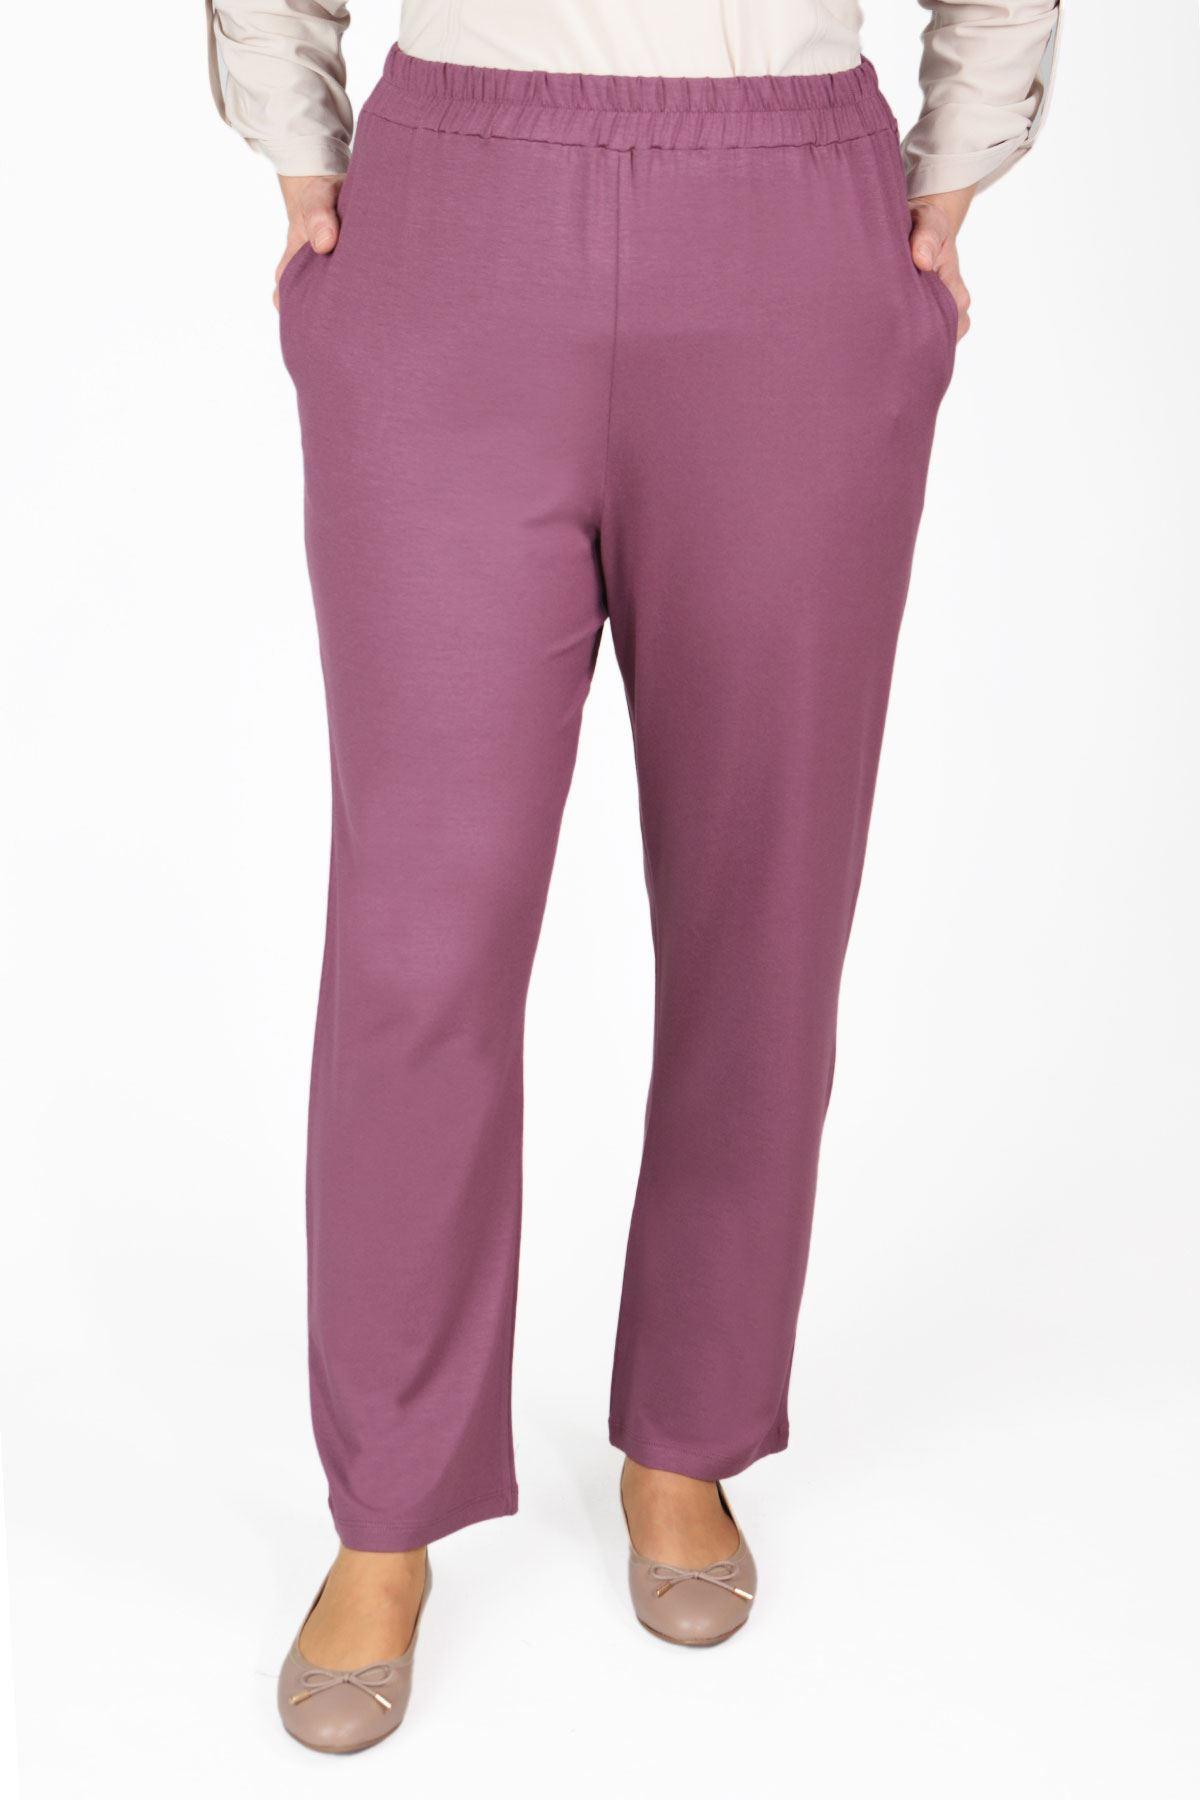 Viskon Bol Paça Pantolon Violet 10003